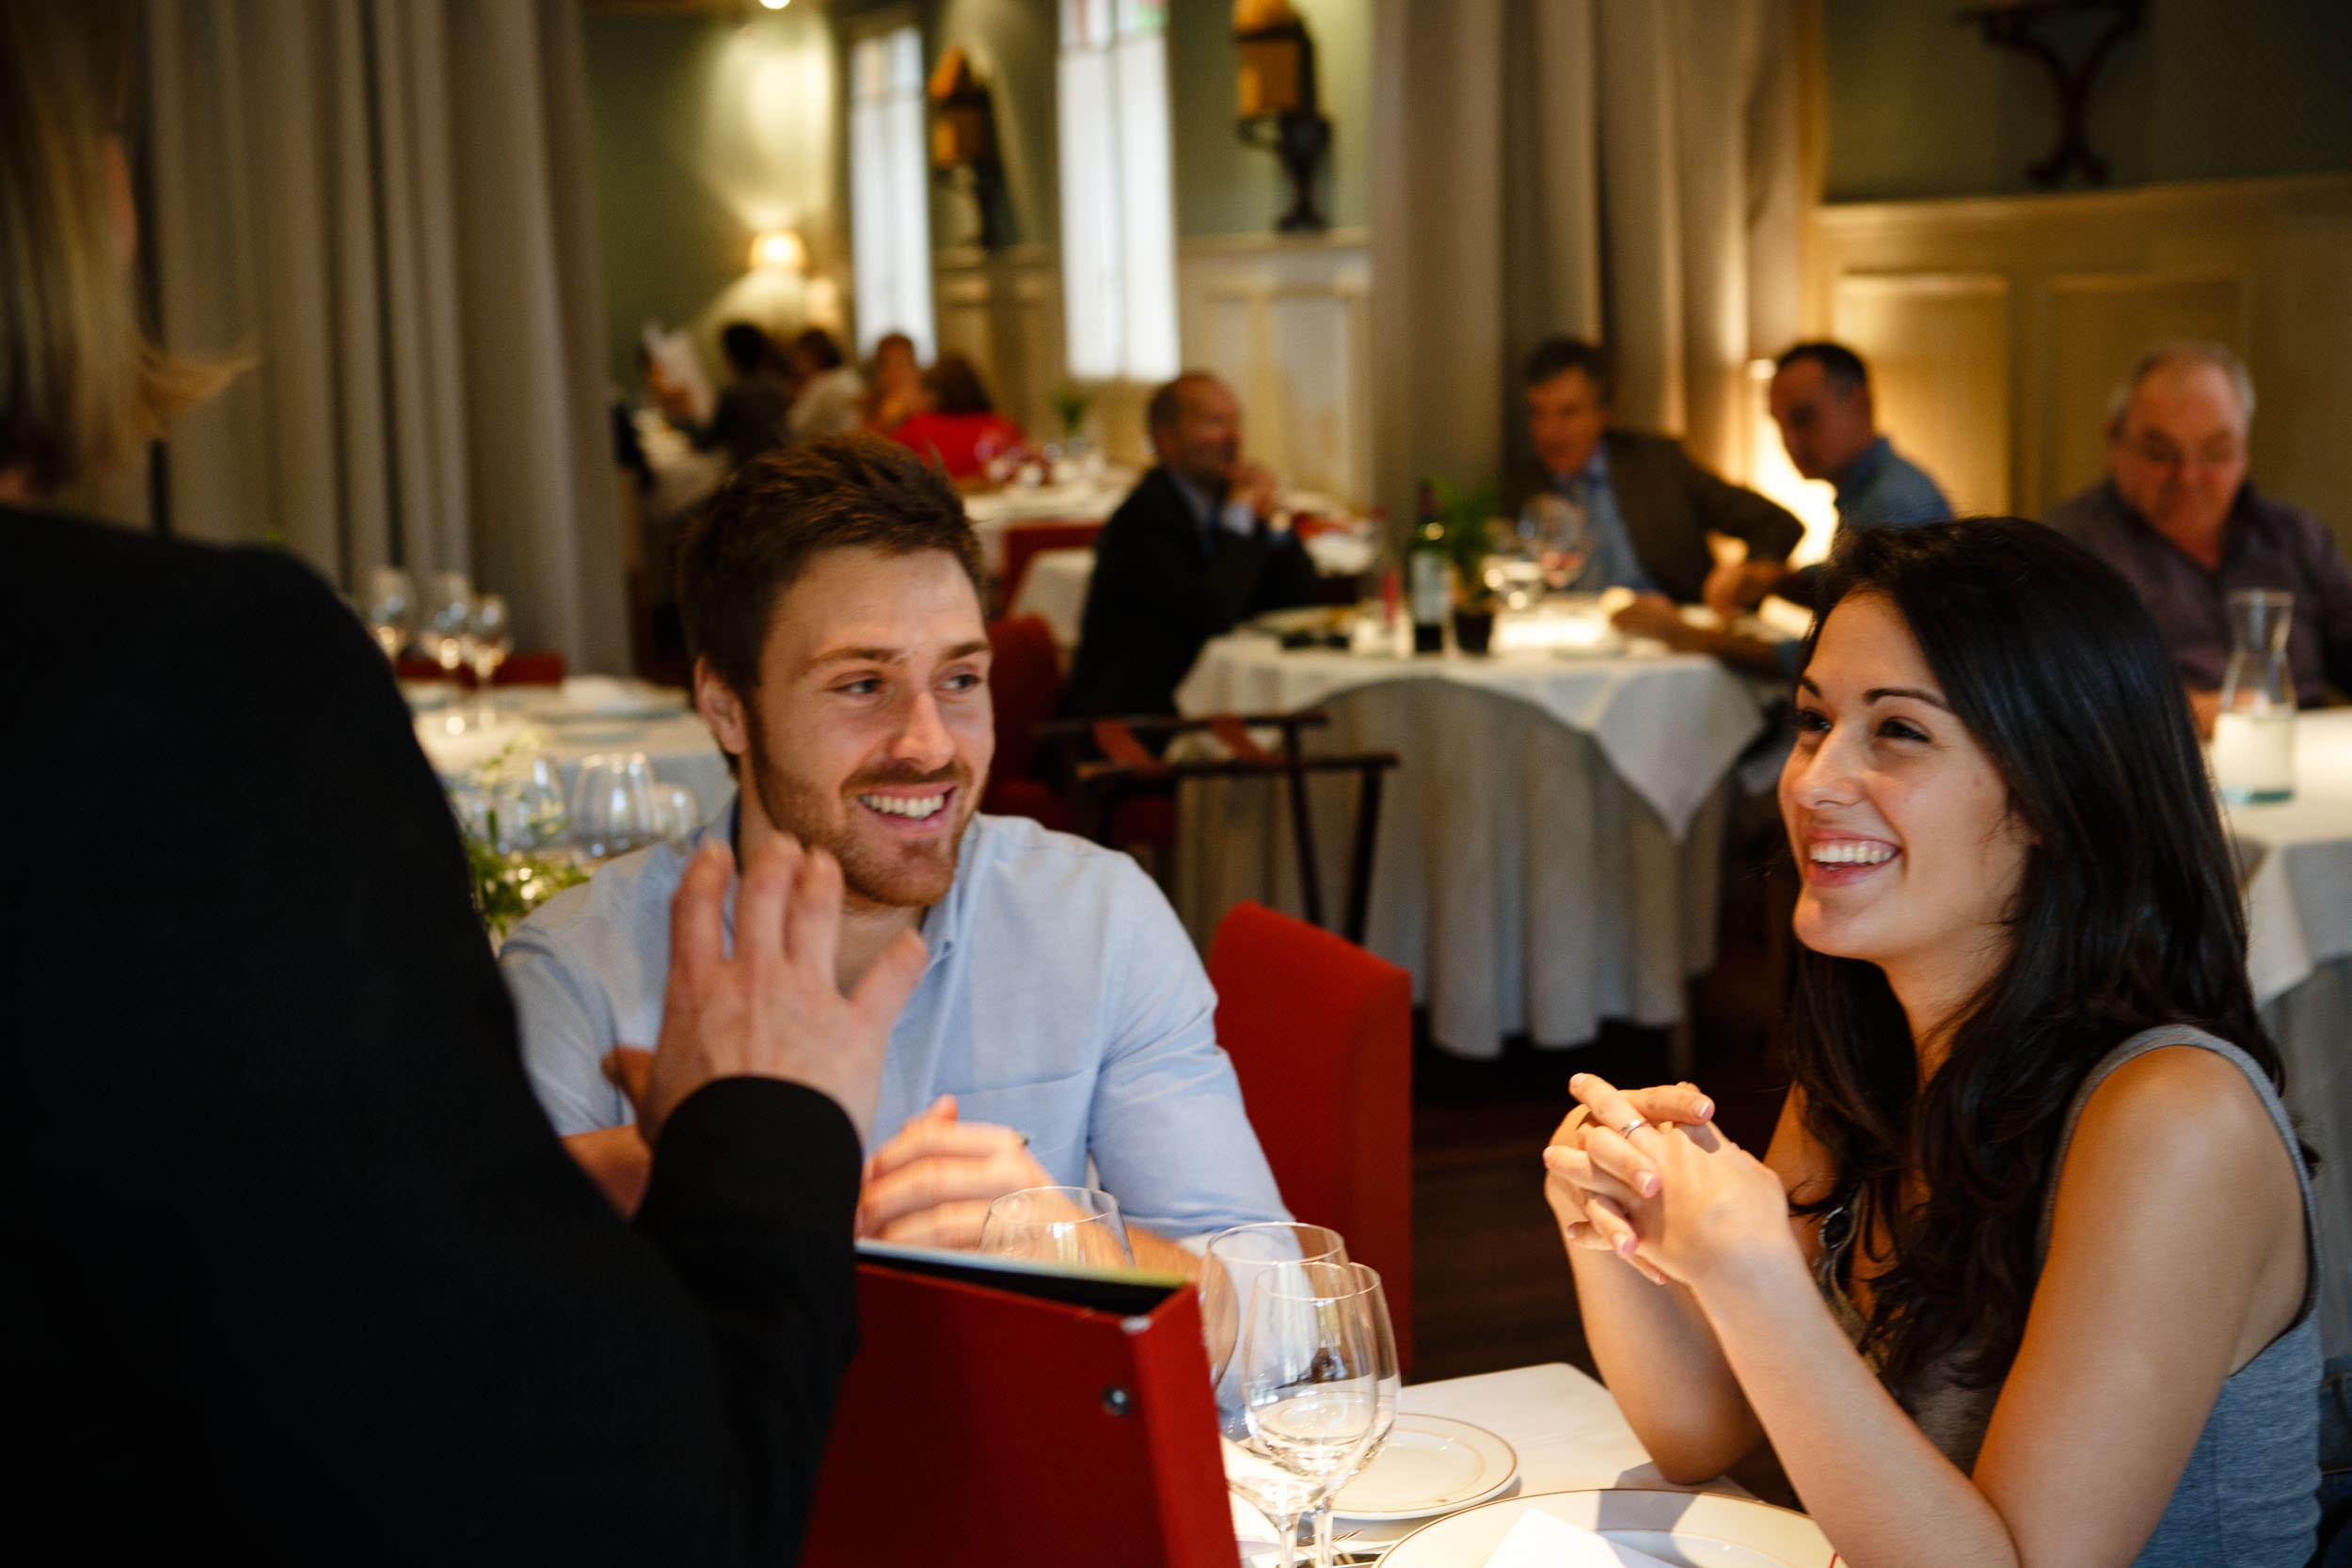 Fotografia Comercial La Rioja España | Hotel Echaurren Ezcaray - James Sturcke  Photographer | sturcke.org_005.jpg